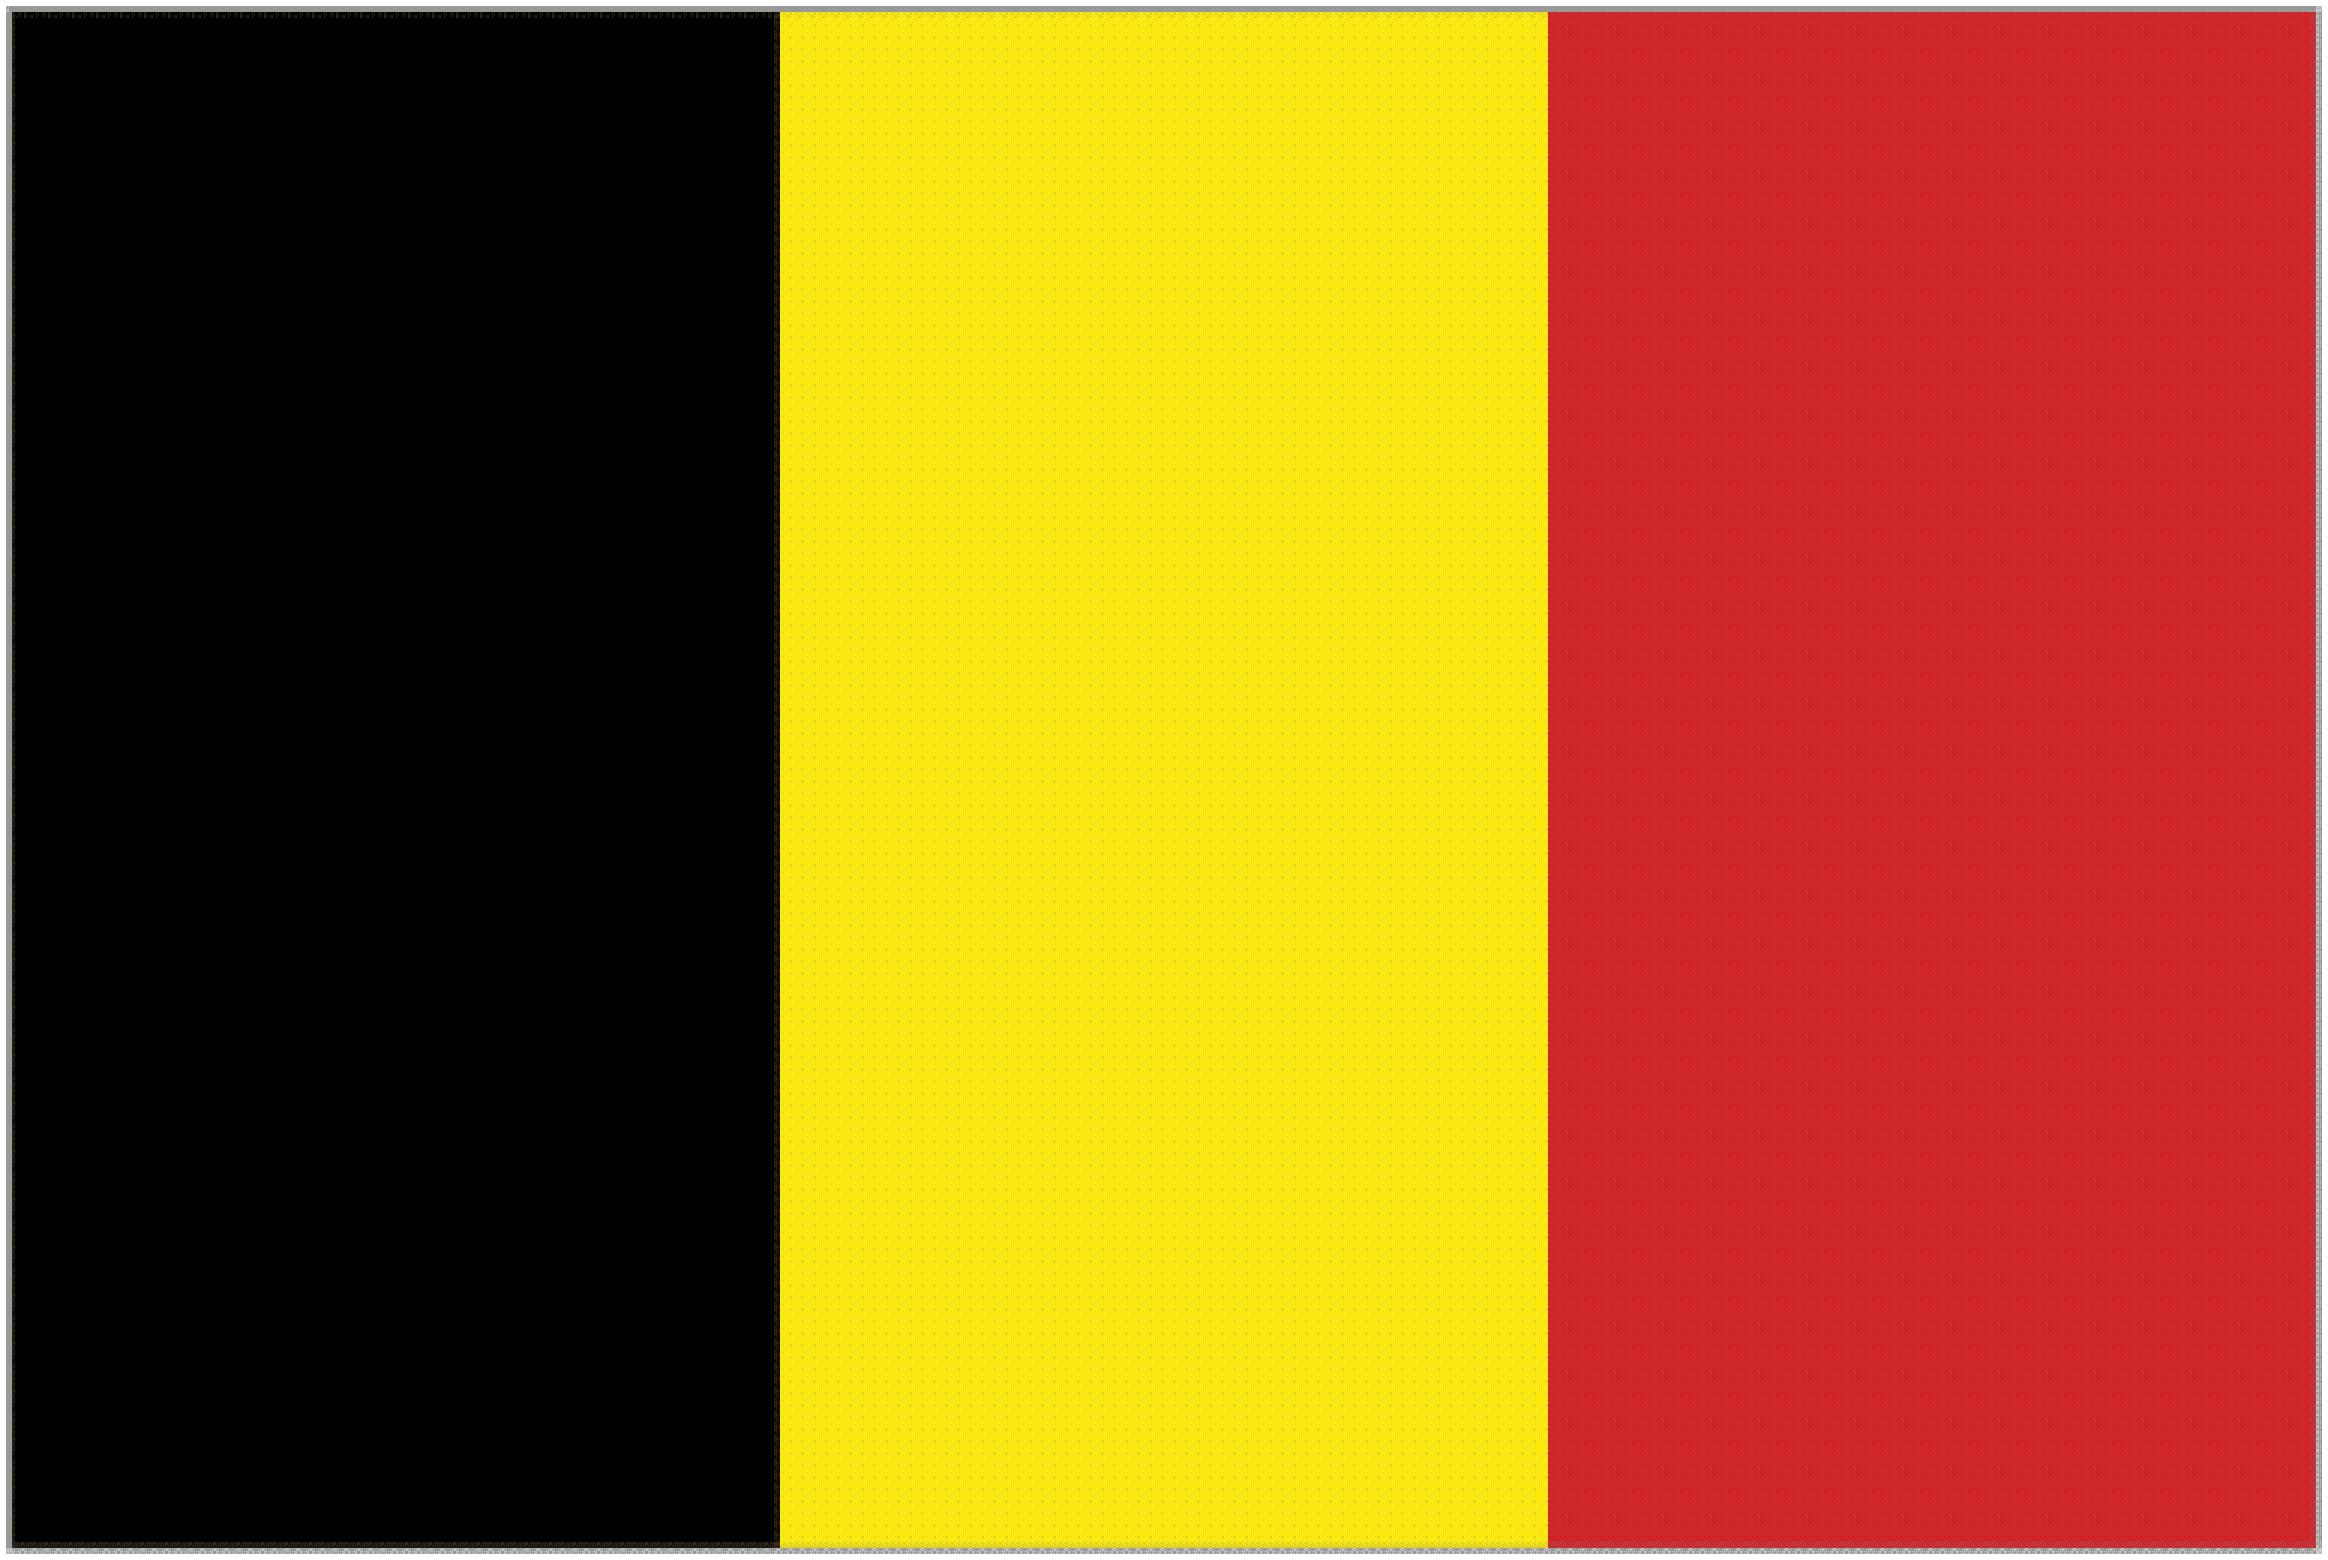 The Belgium Flag